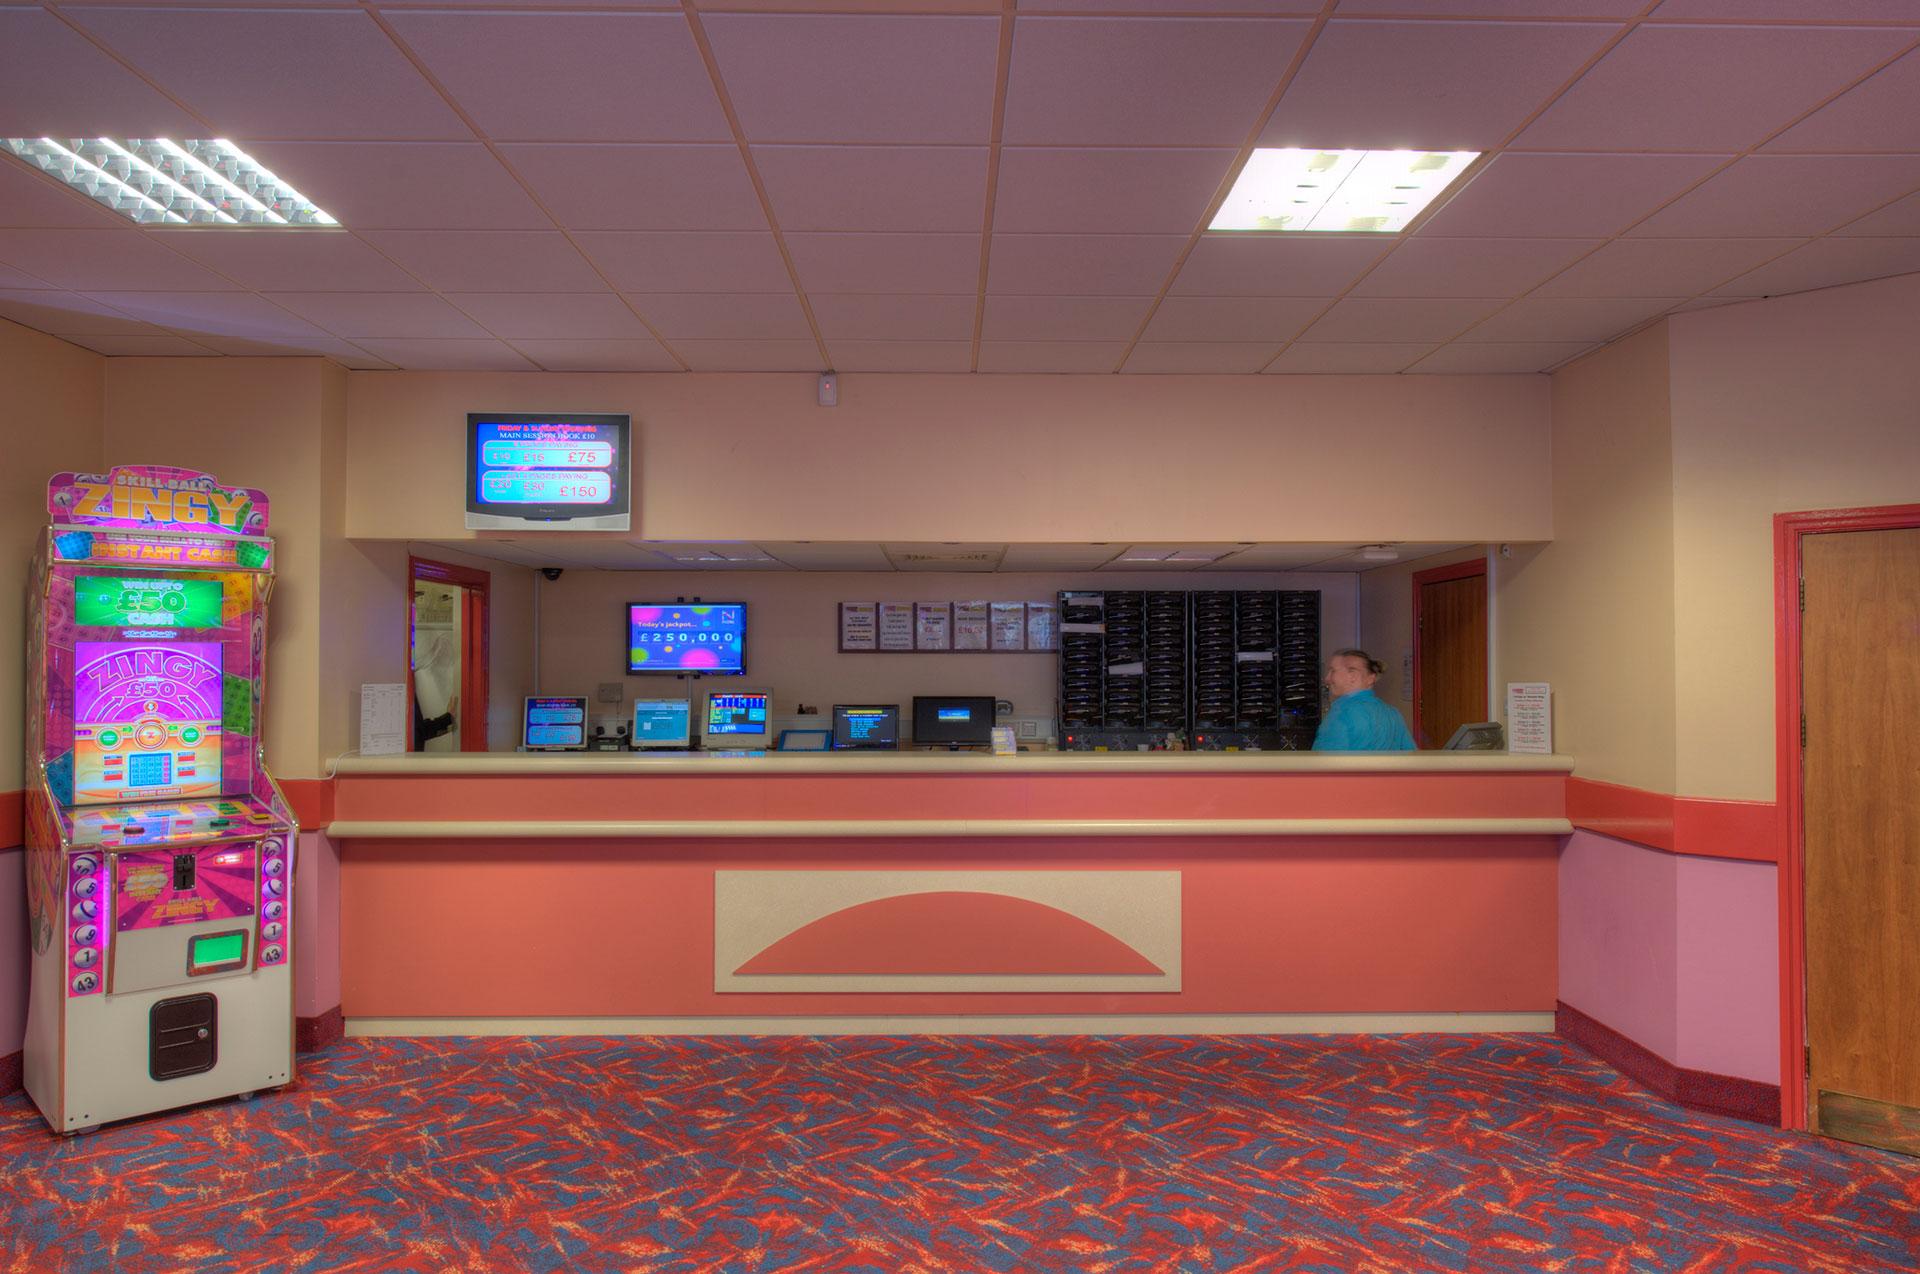 Majestic Bingo reception area